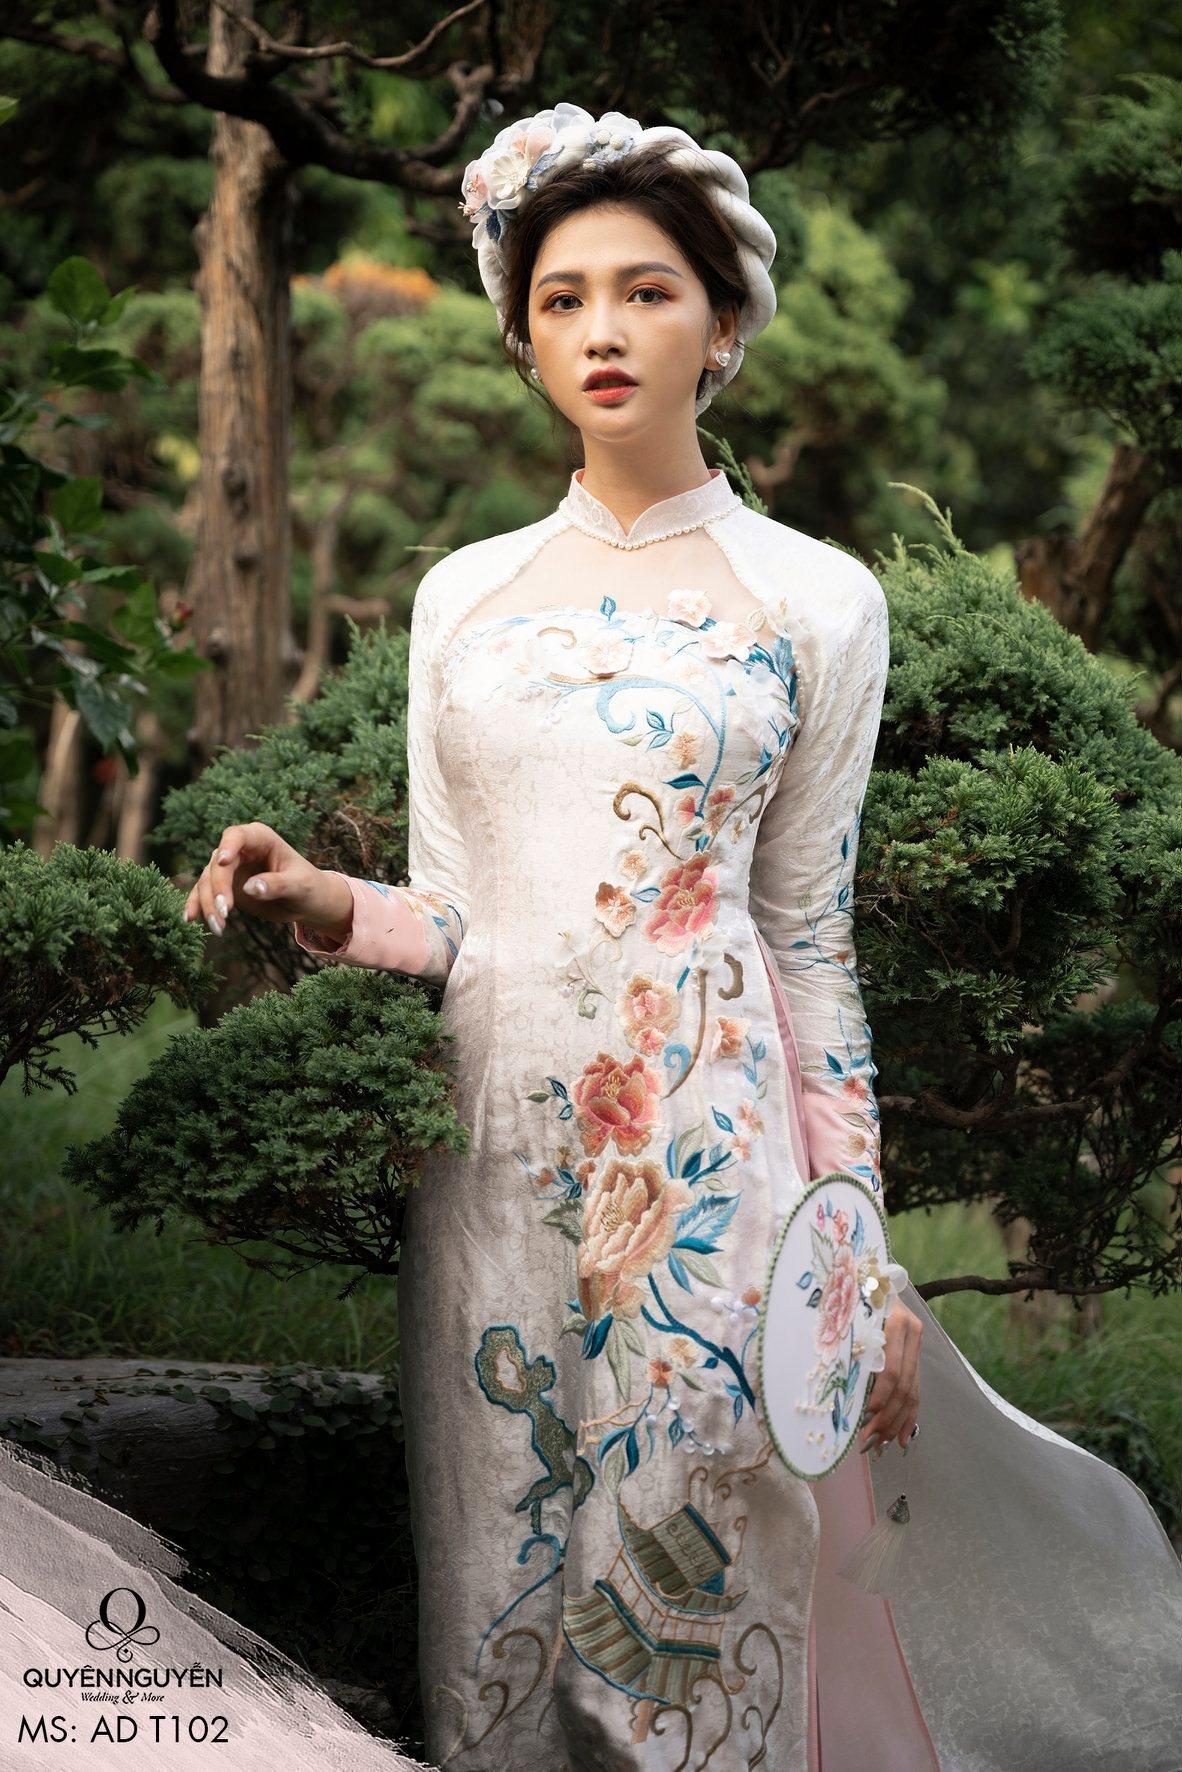 Địa chỉ áo dài bán sẵn đẹp nhất tại Thành phố Hồ Chí Minh